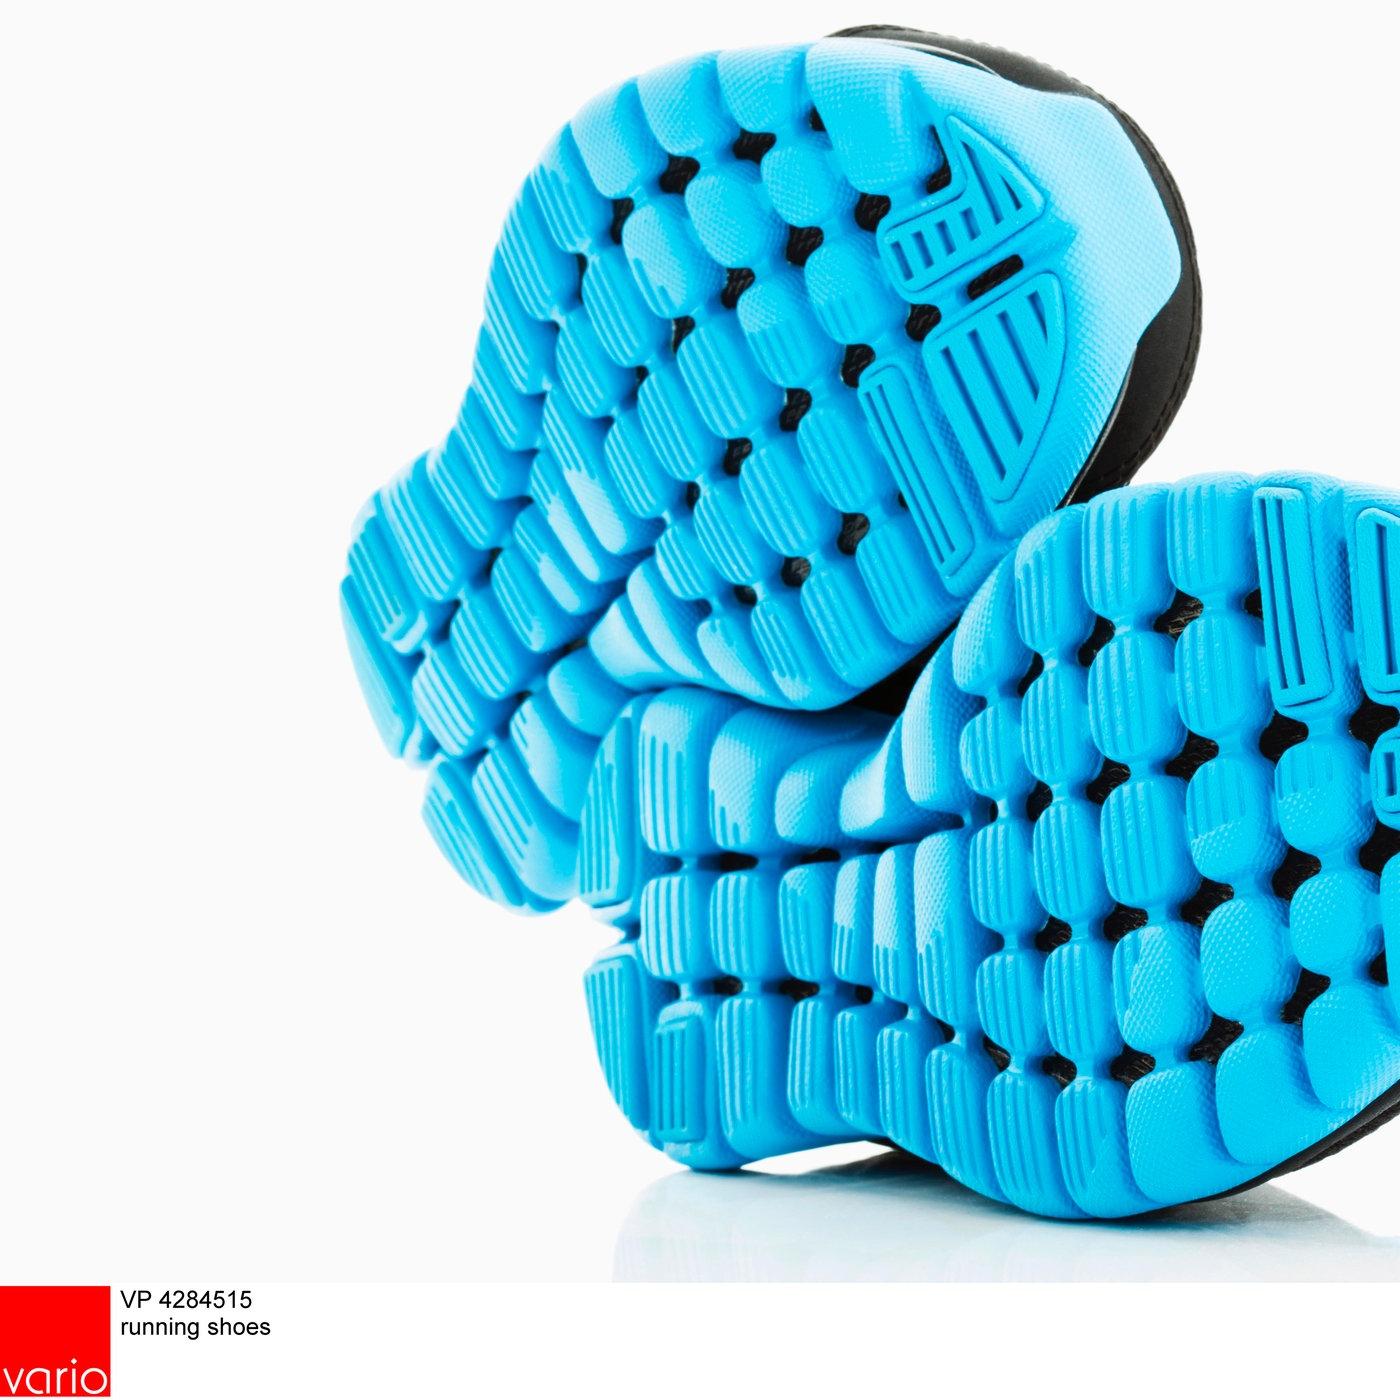 Mode Planet SchuheSportschuhe Mode Gesellschaft Wissen SchuheSportschuhe Nvm8n0w